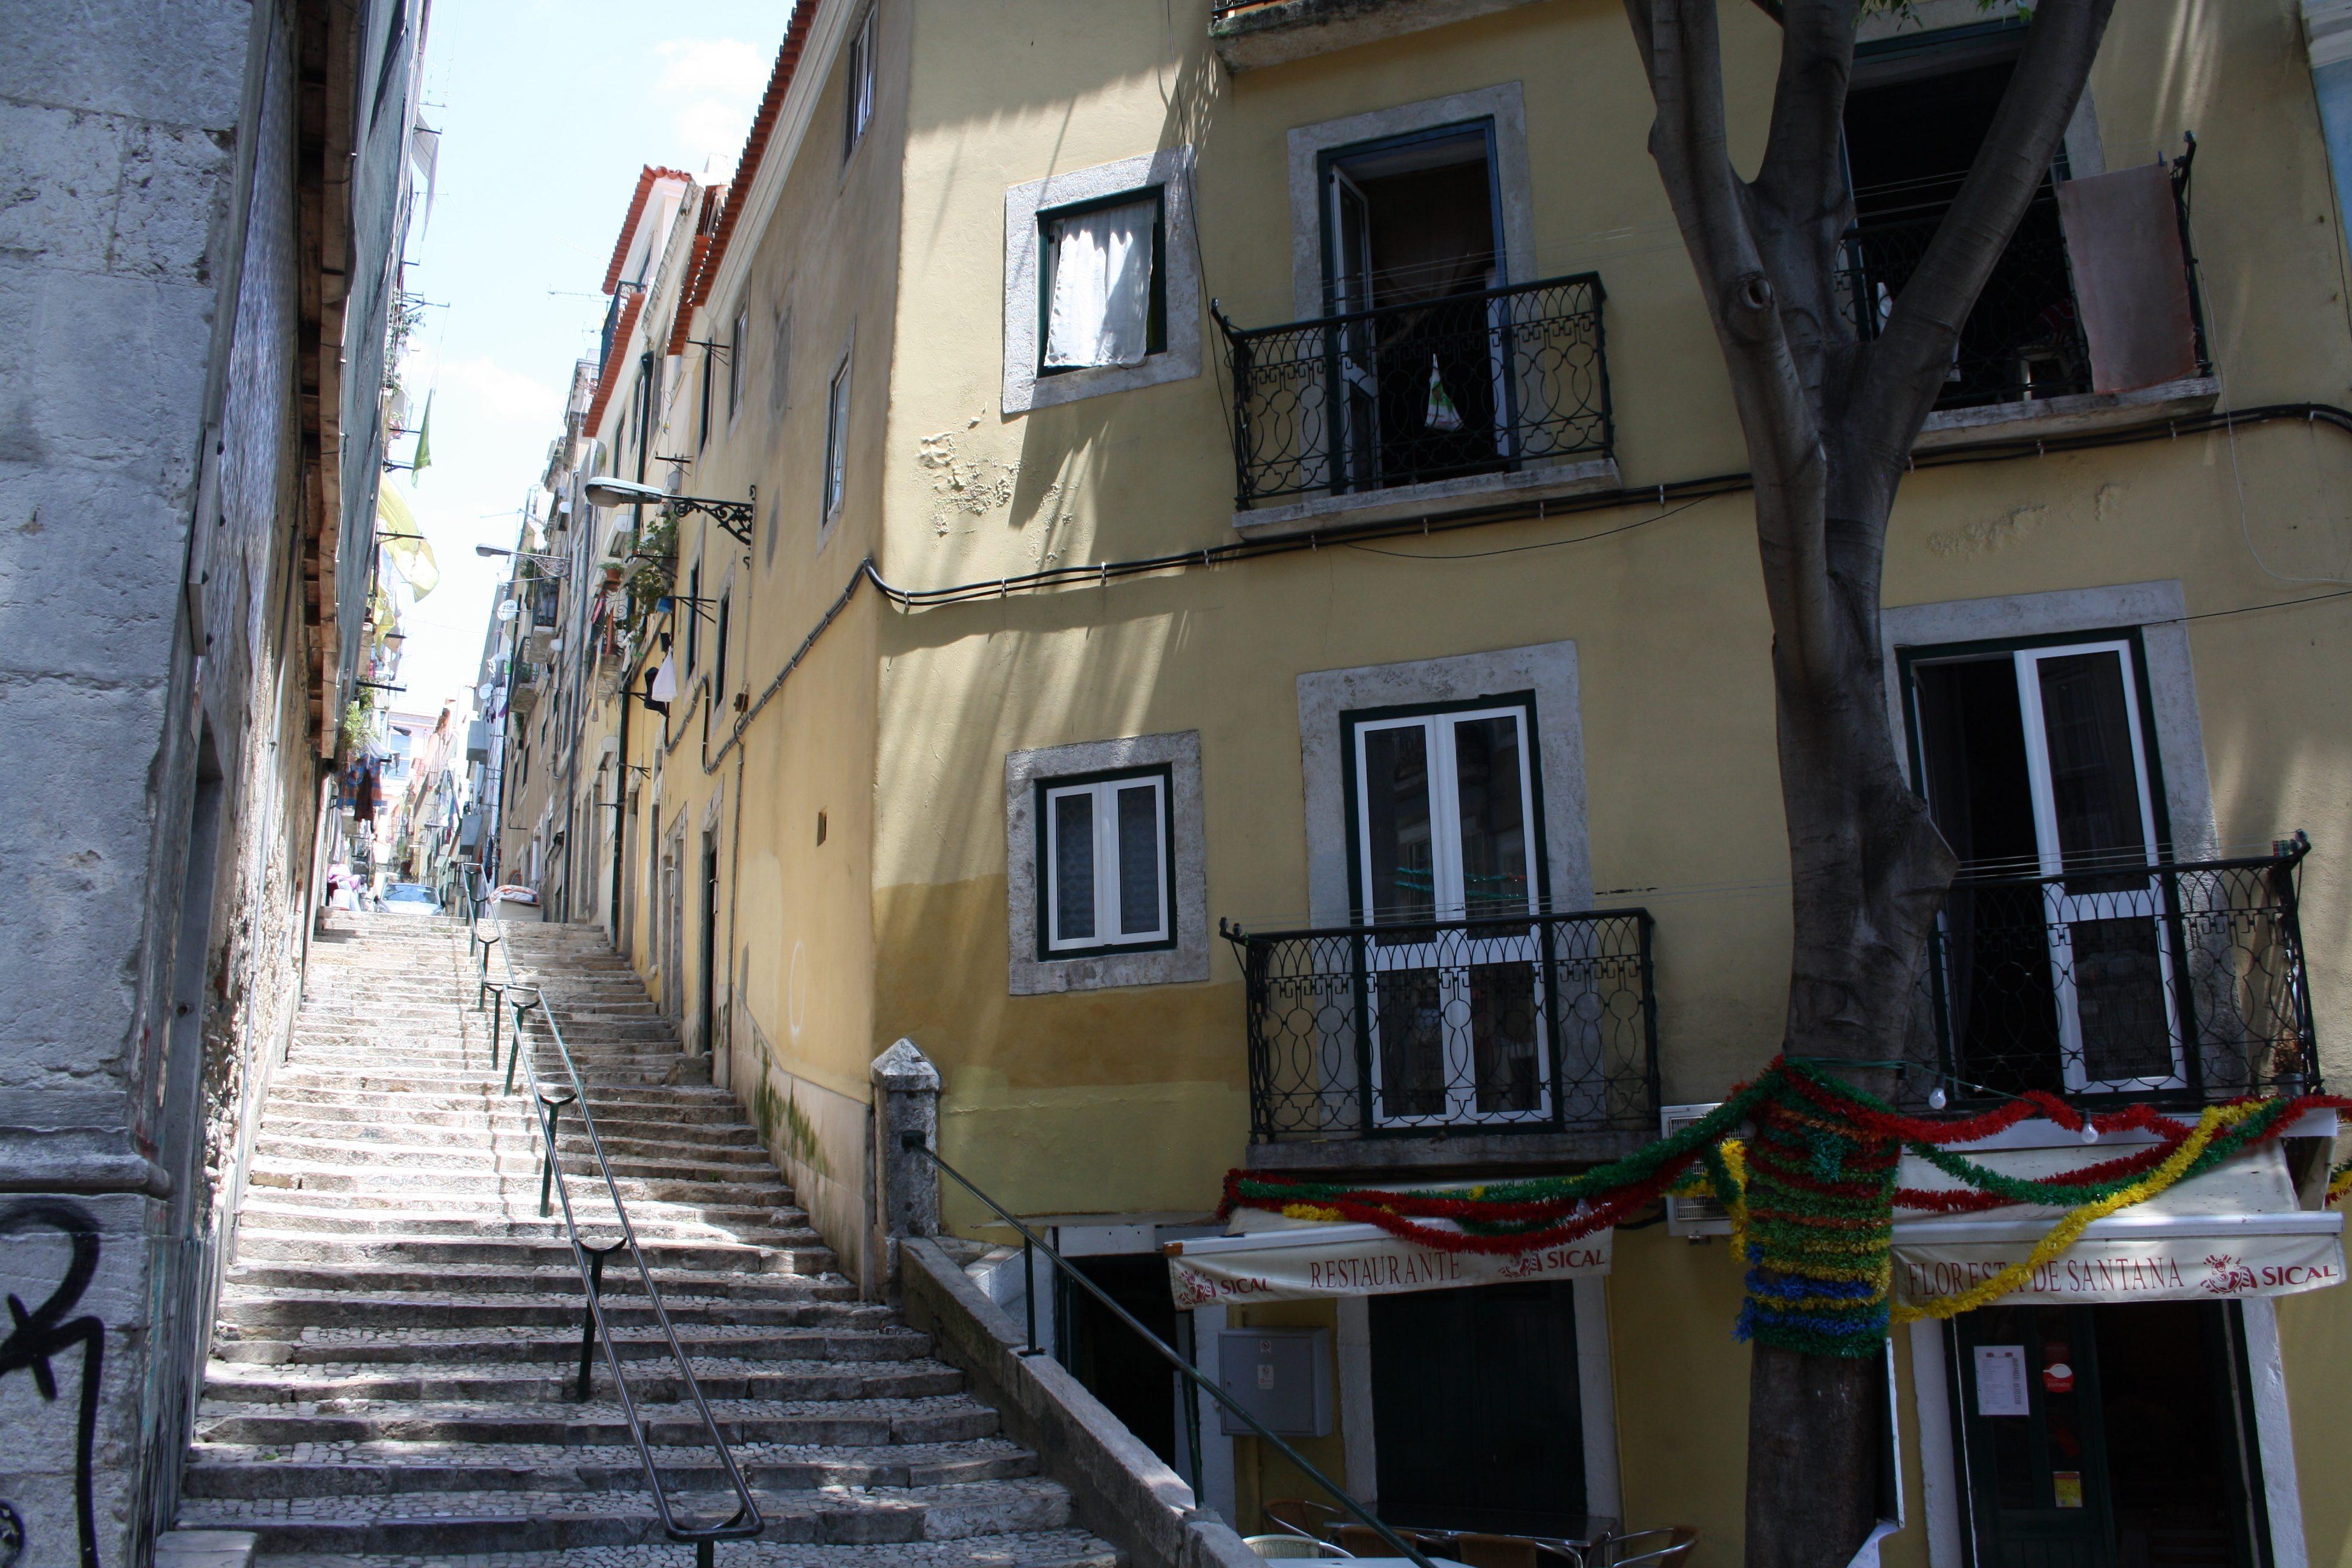 Lisbonne_juin_2016-escaliers_02